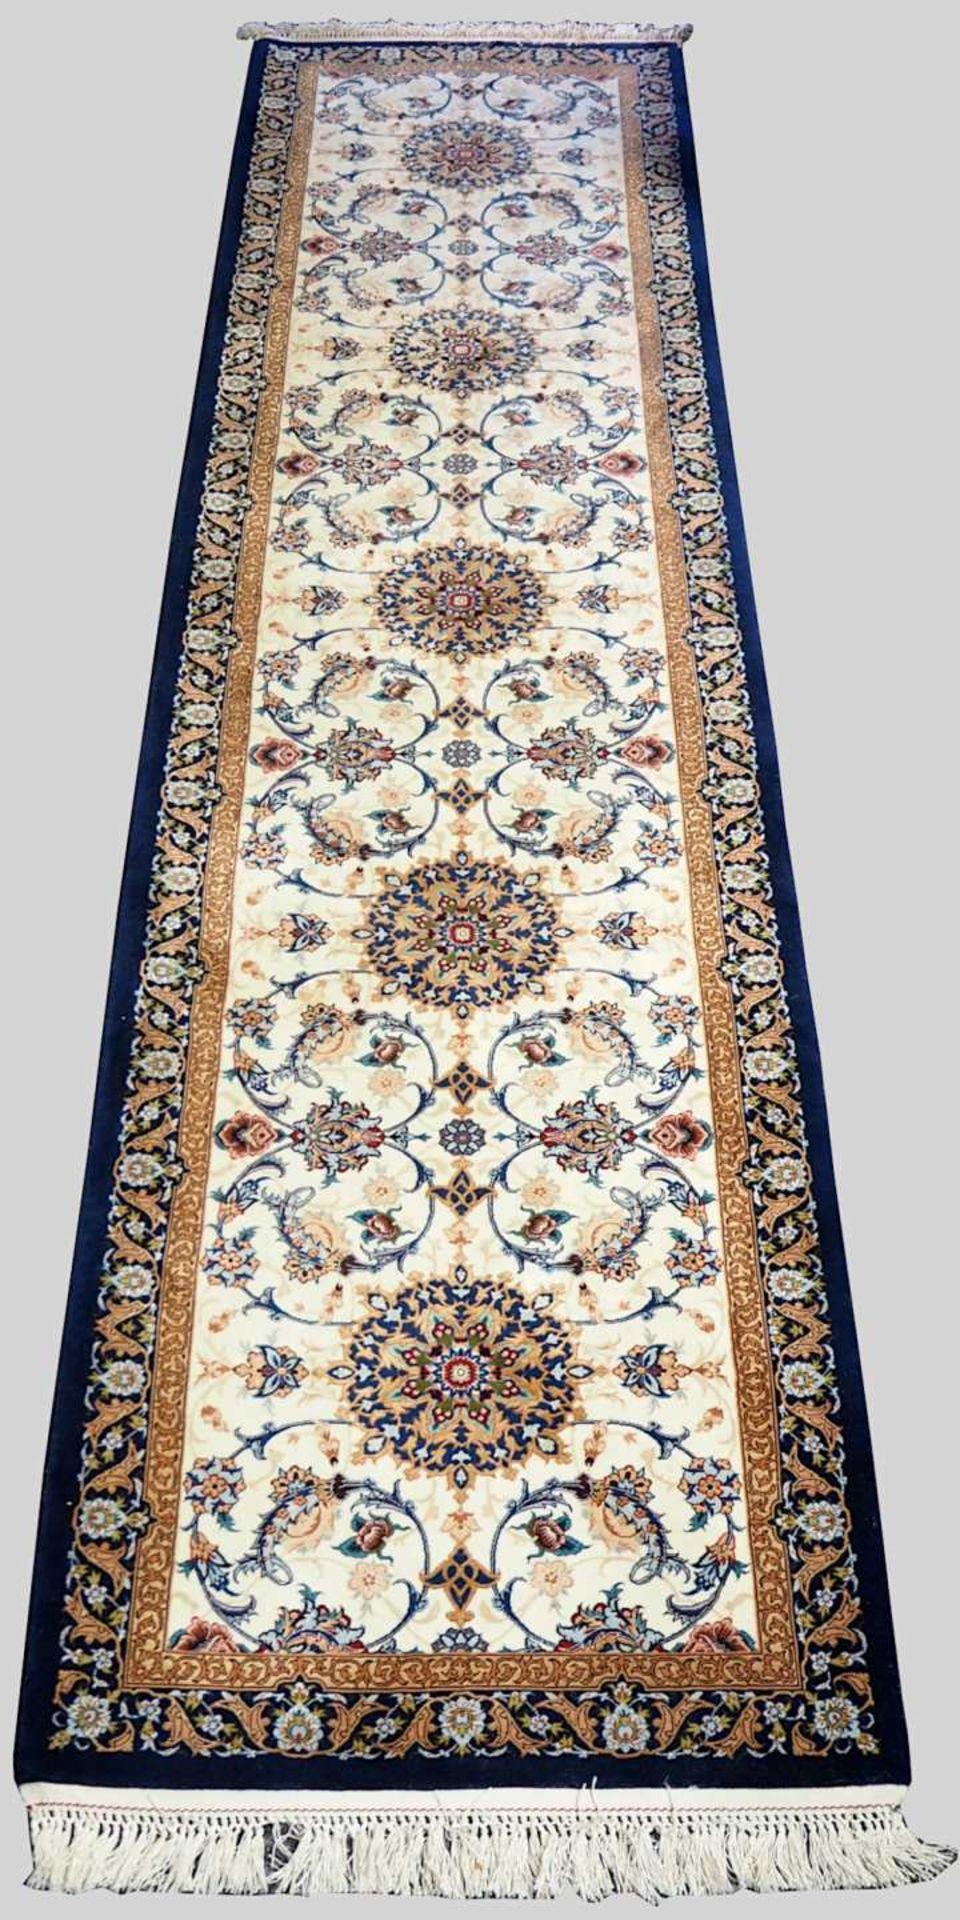 1 Orientgalerie ISFAHAN, Persien Korkwolle mit Seide ca. 1000 000 Knoten/qm², Mittelf